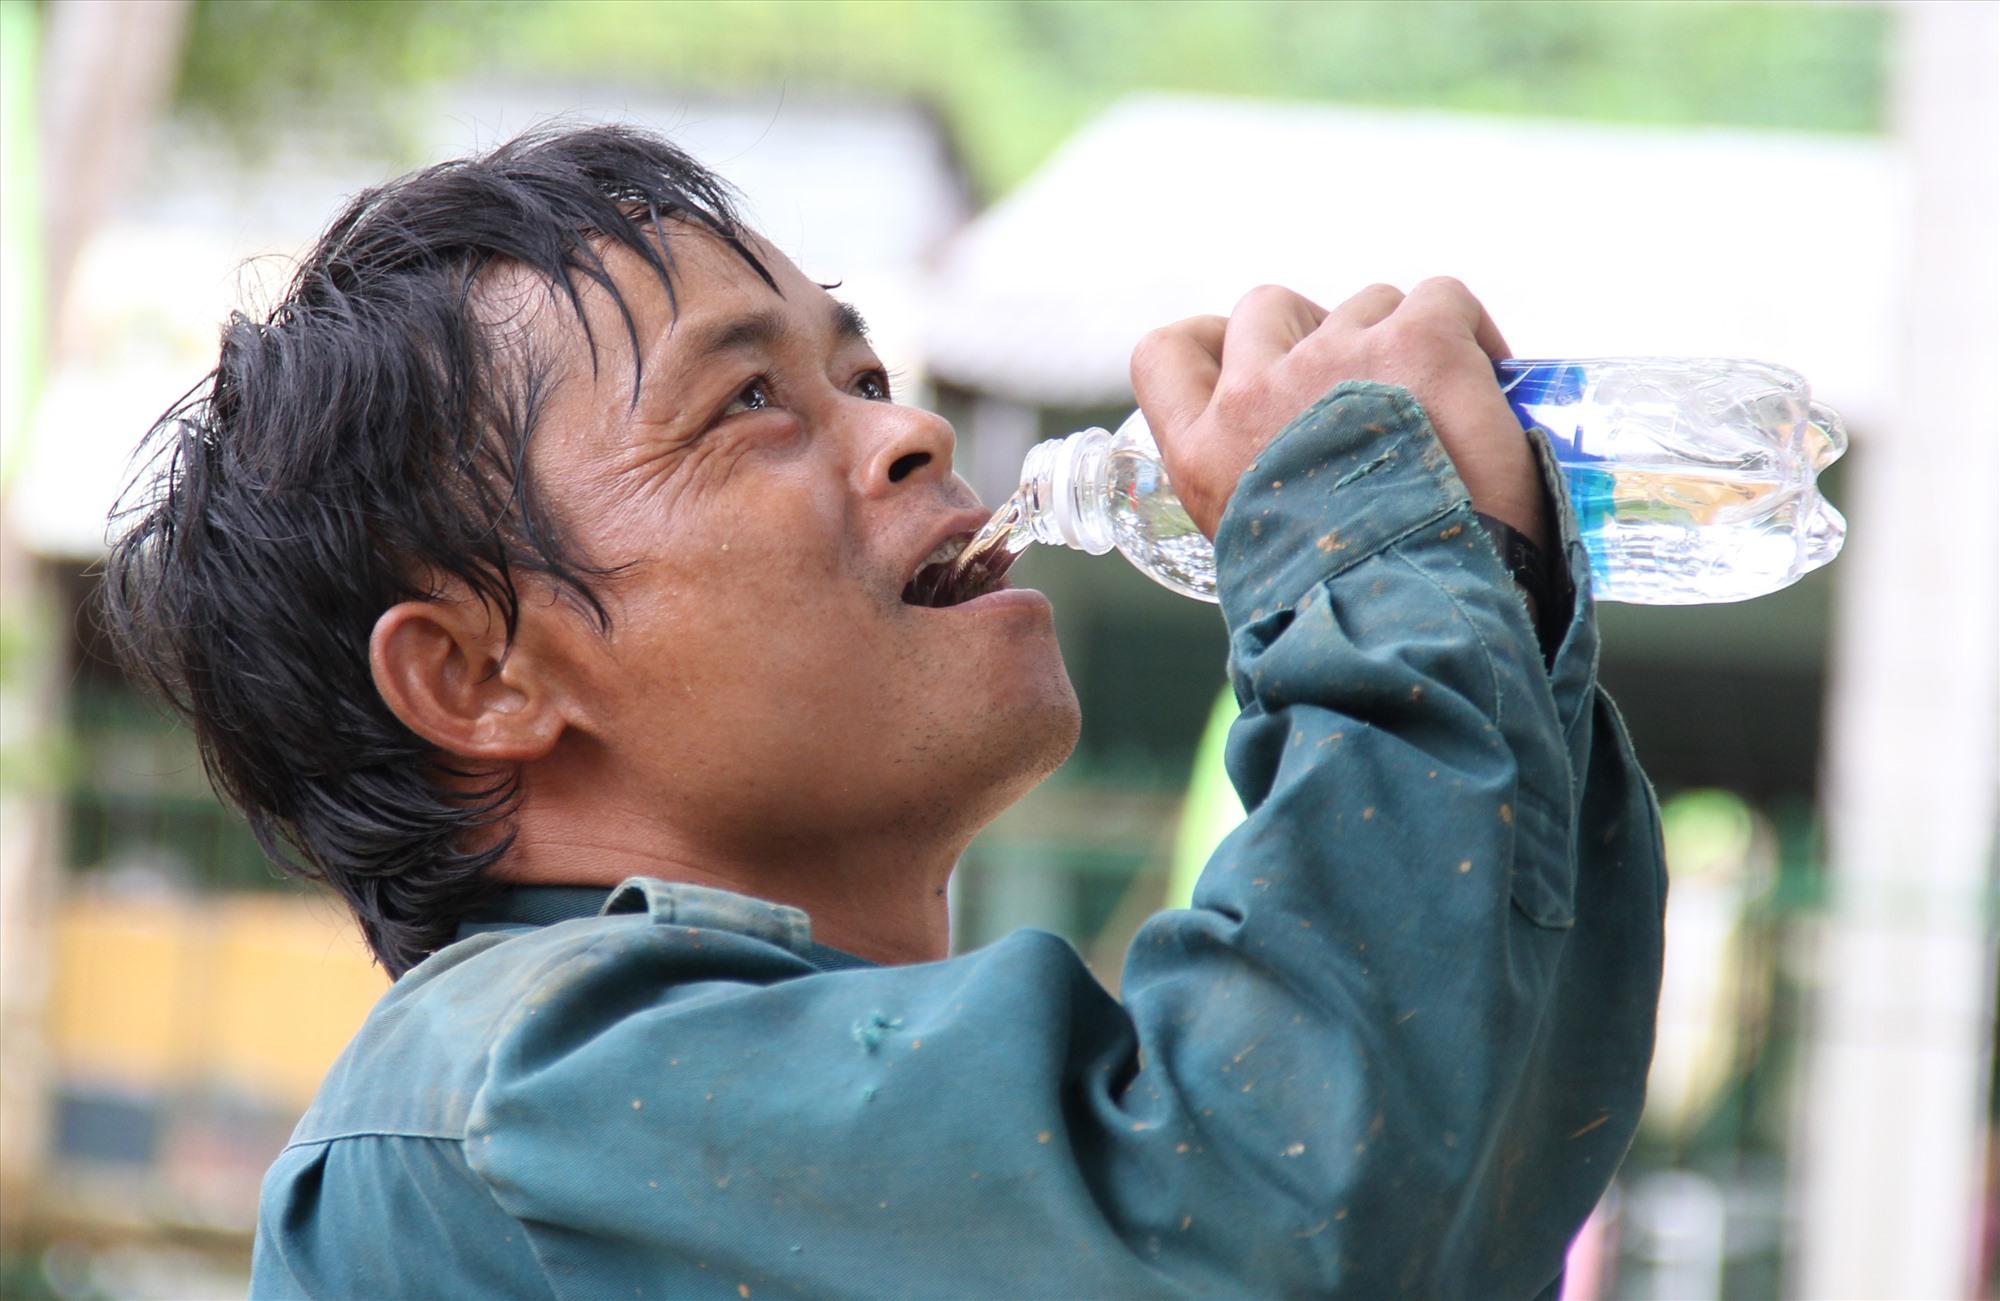 Một phụ huynh nghỉ tay uống nước, rồi tiếp tục cùng đội làm nhiệm vụ quét dọn sân trường. Ảnh: A.N